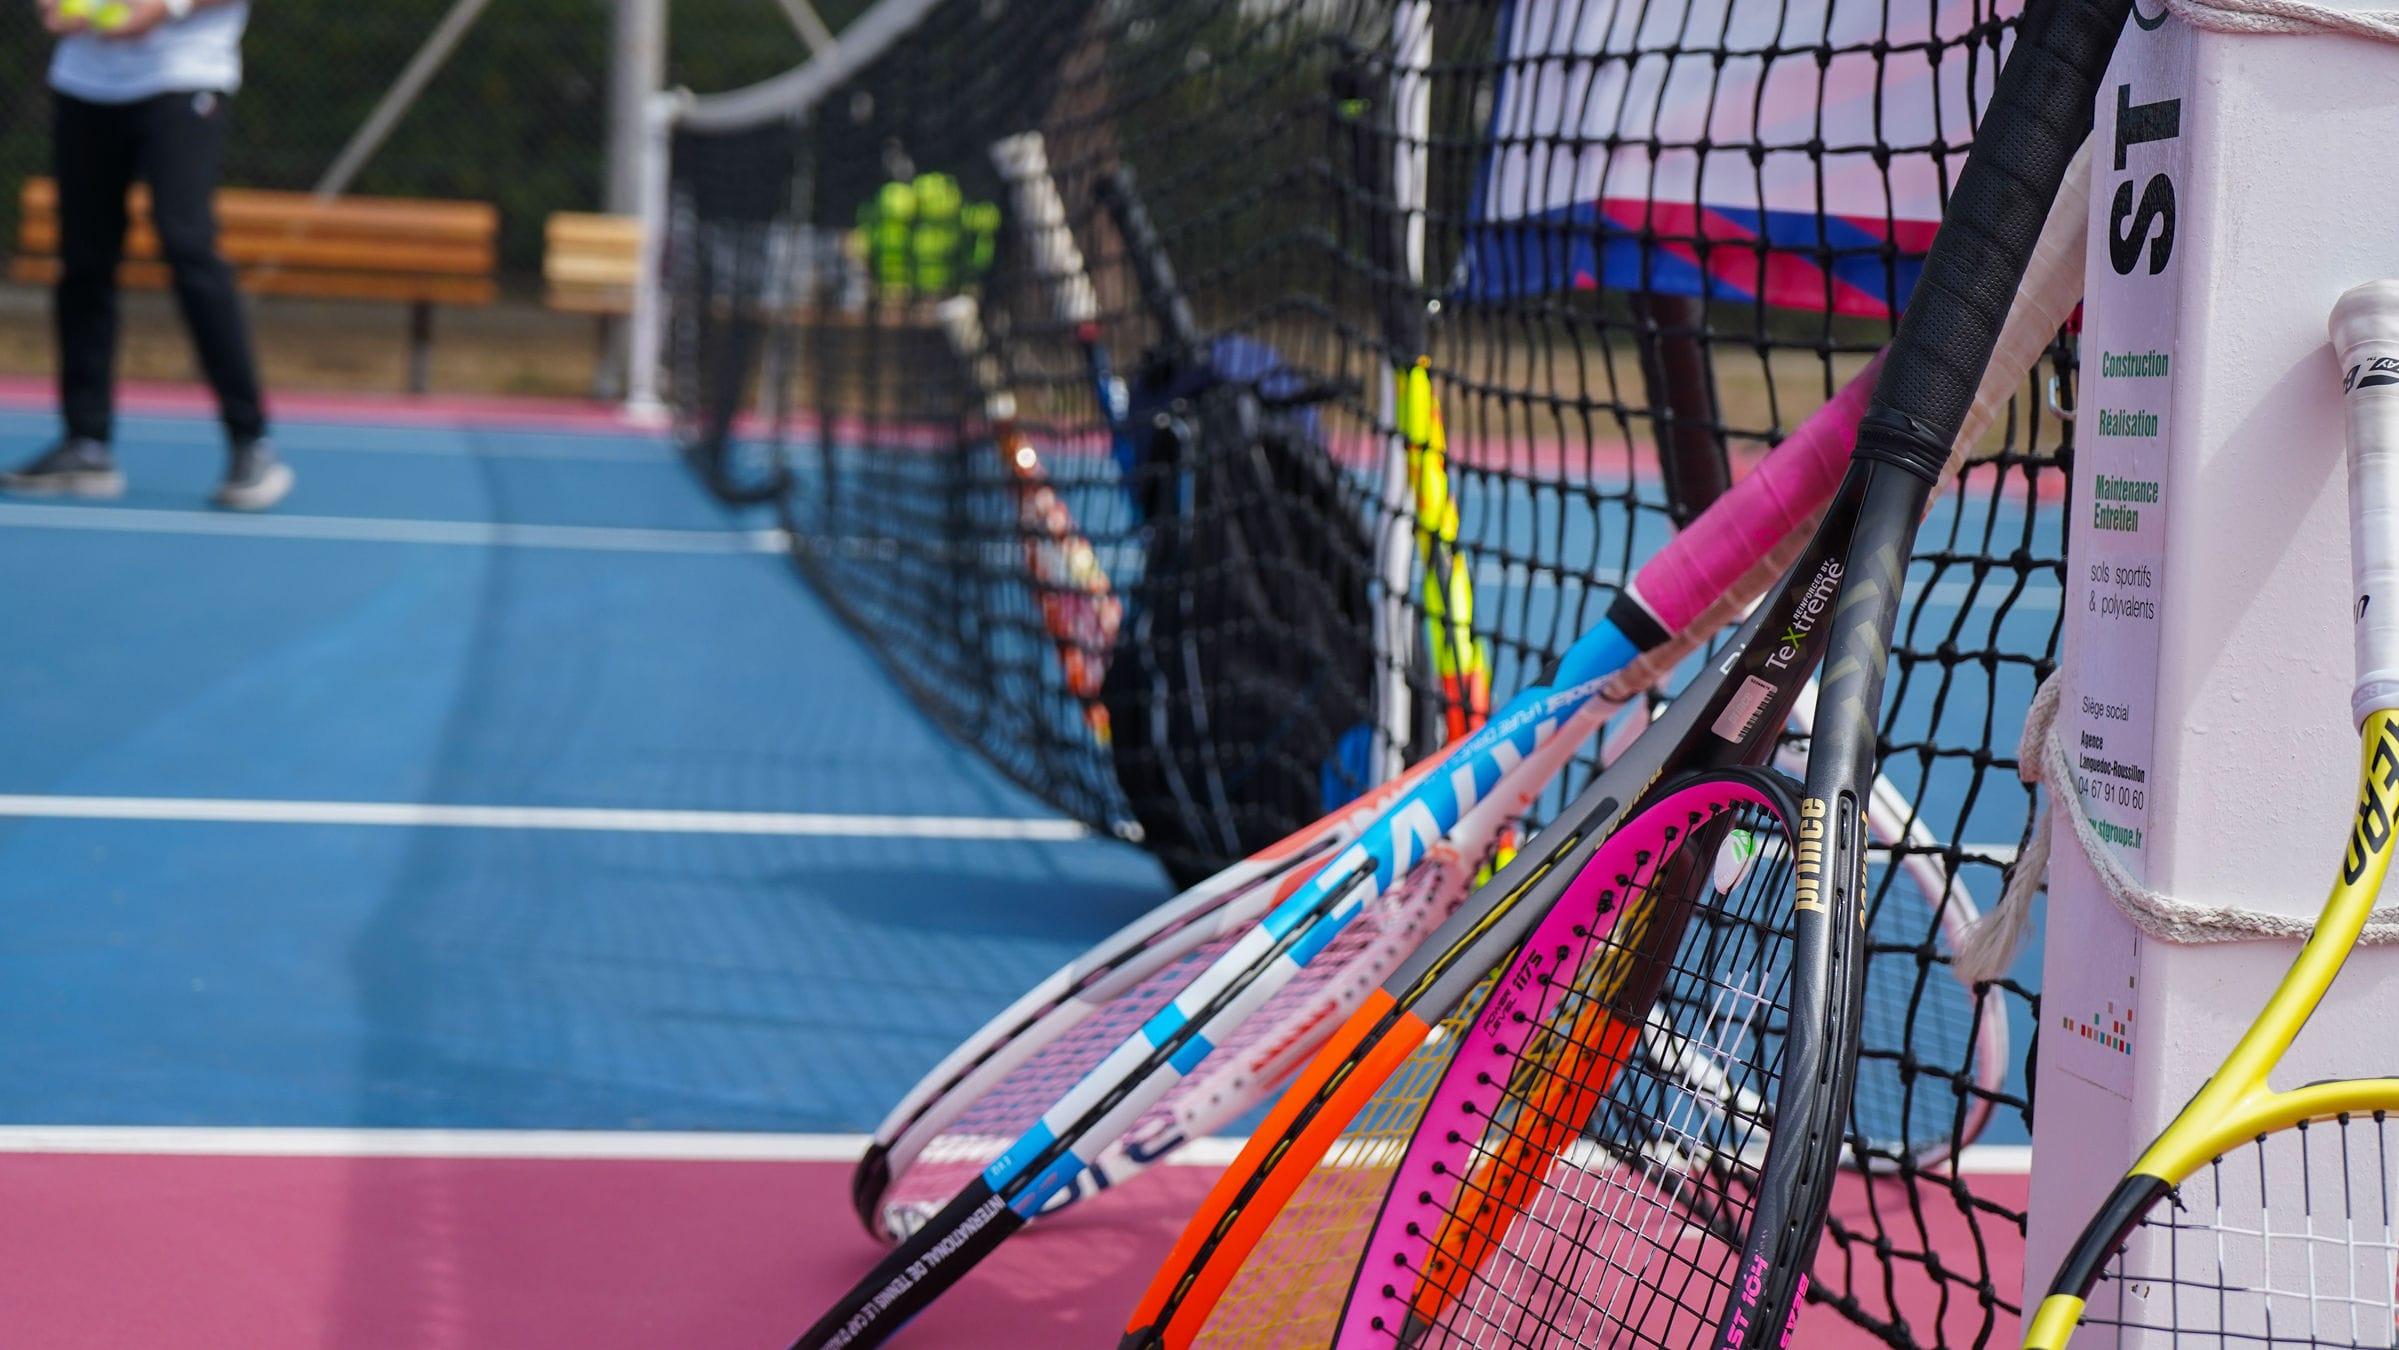 Des raquettes de tennis posés sur un filet de terrain de tennis